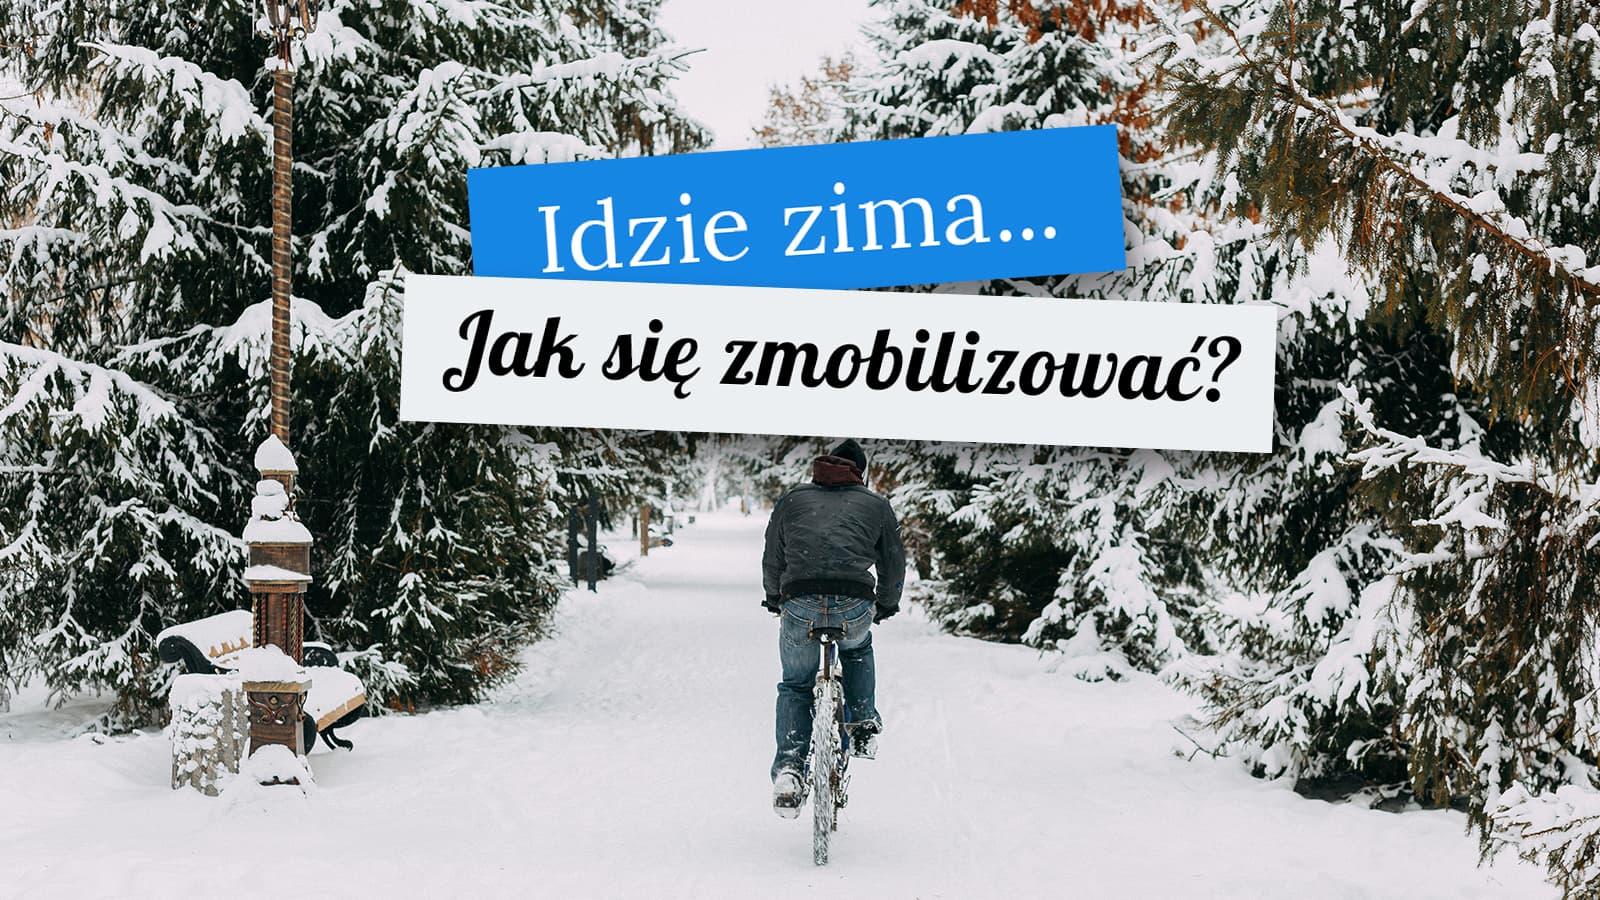 Idzie zima. Jak zmobilizować się do jazdy na rowerze?